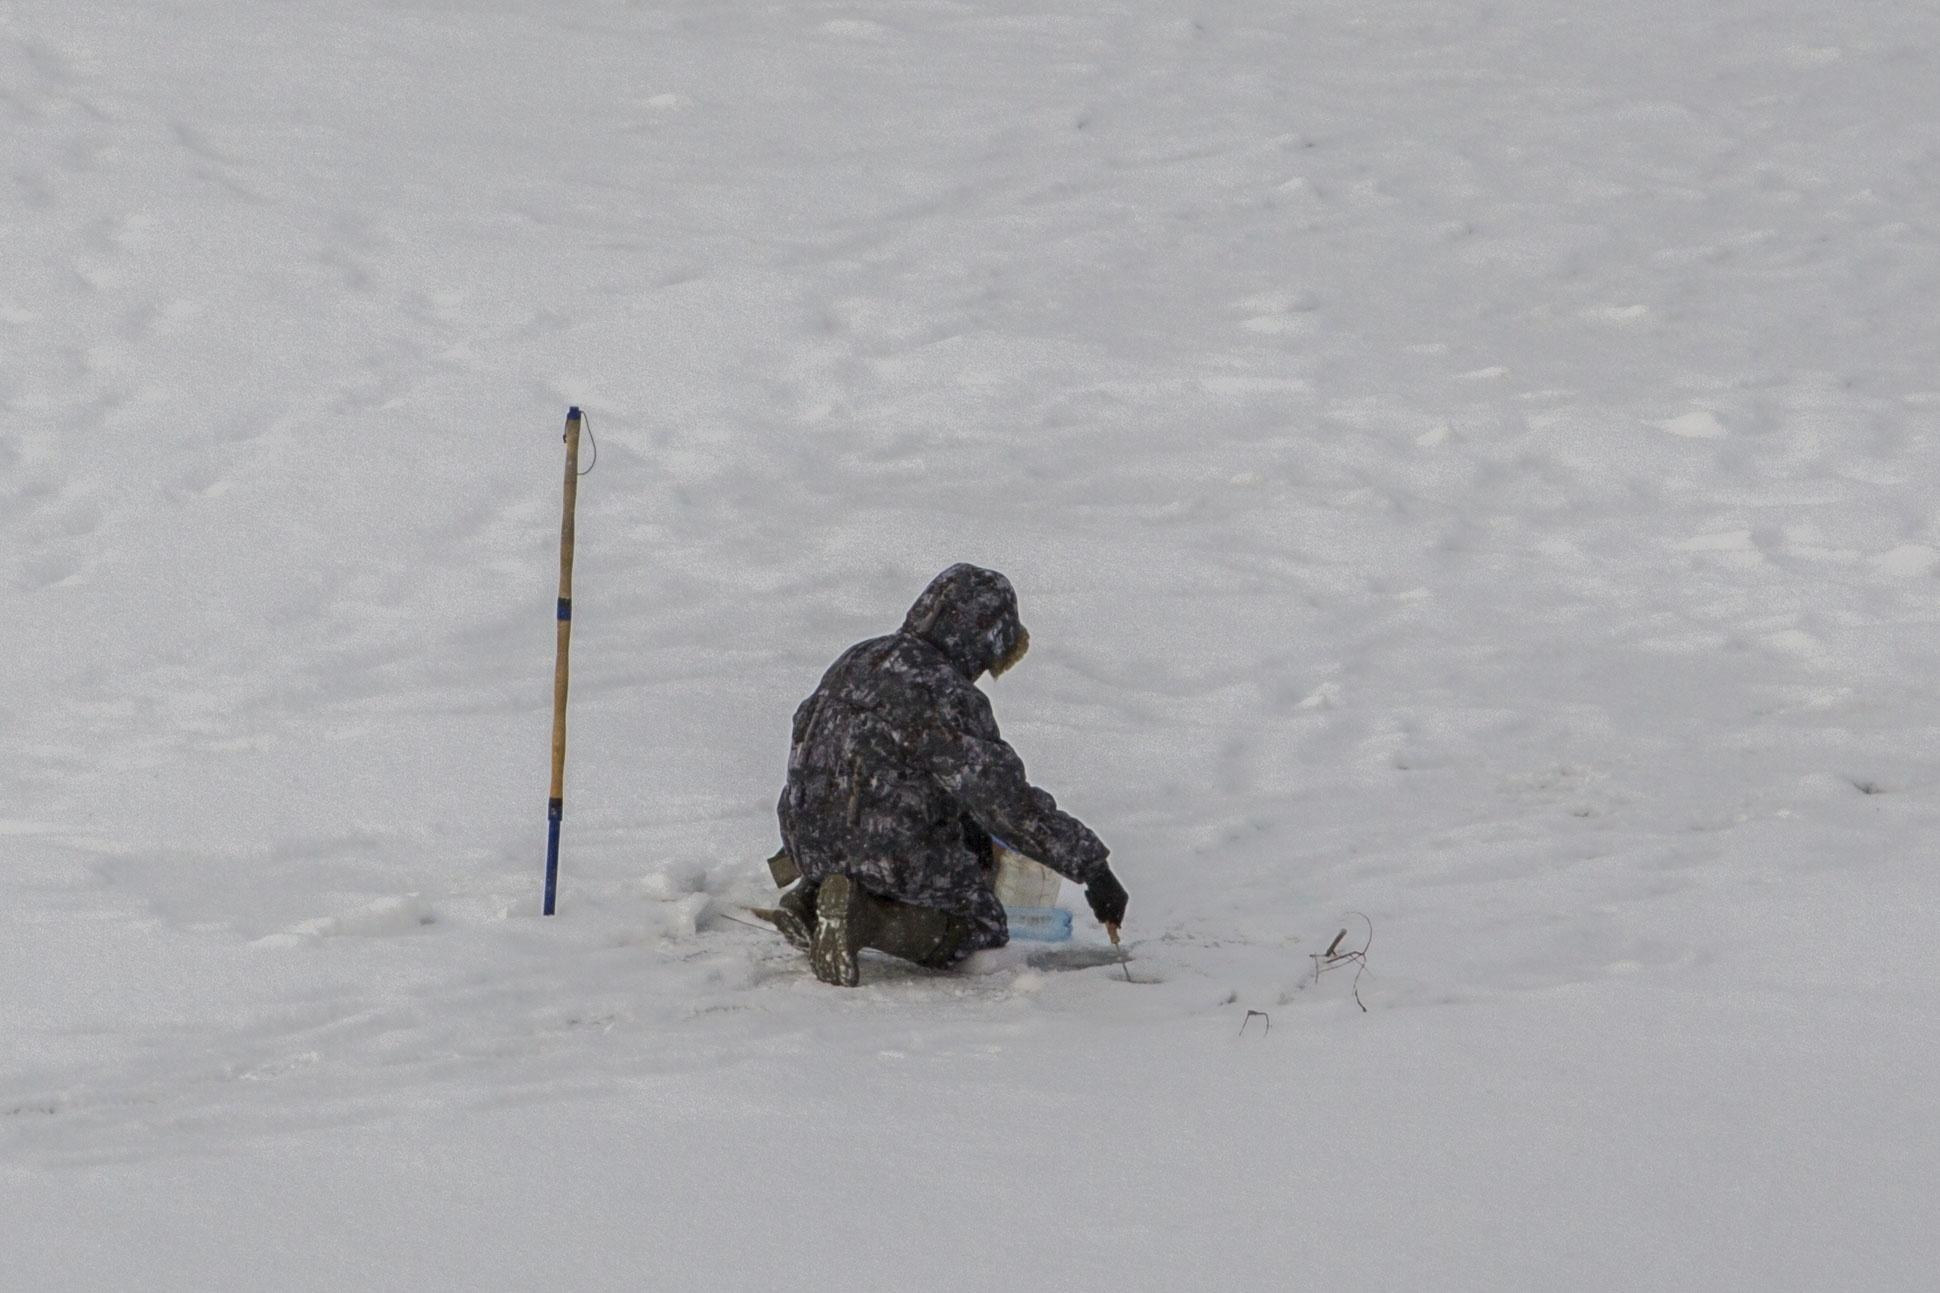 В МЧС предупреждают, что лёд сейчас опасен